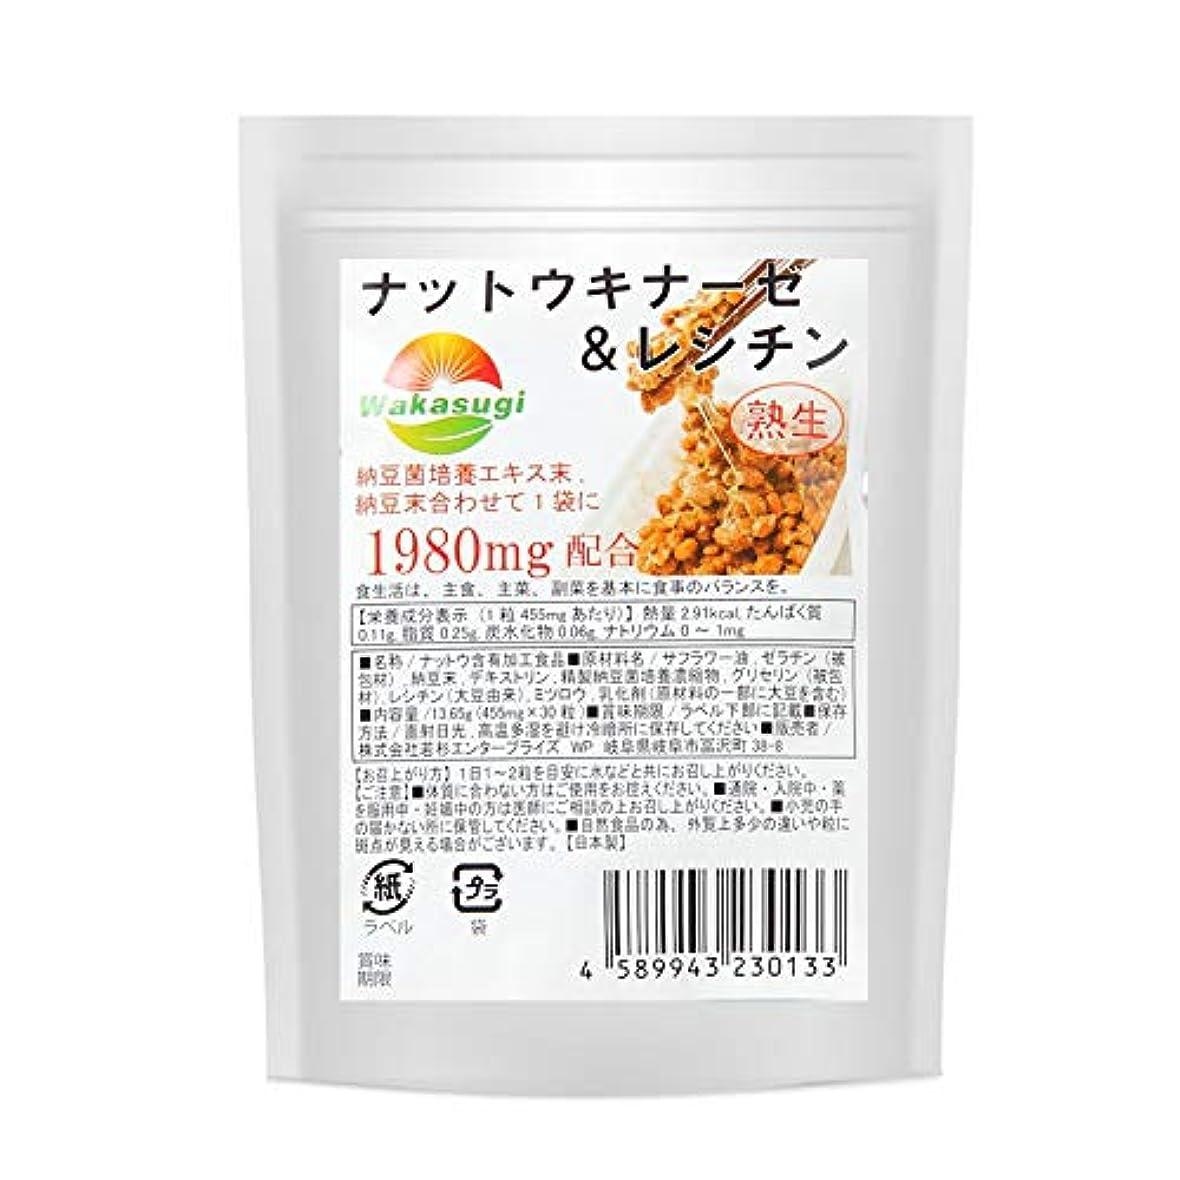 ジャンプダブル恐れる超熟 納豆サプリメント 30粒 生ナットウキナーゼ&レシチン ソフトカプセルタイプ